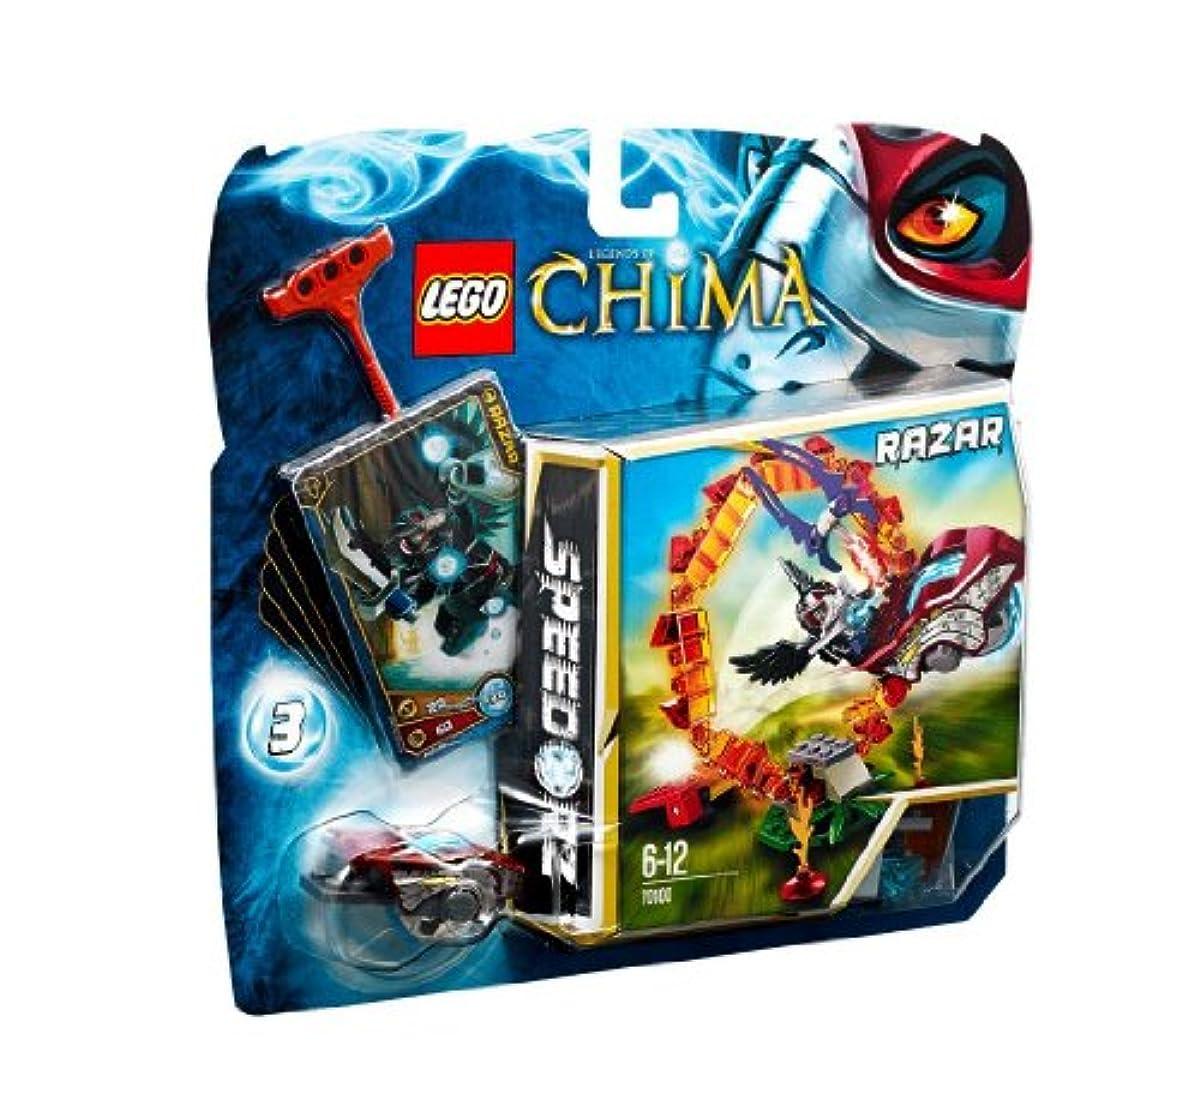 [해외] 레고 (LEGO) 찌마 링오브파이어 70100 (2013-03-01)